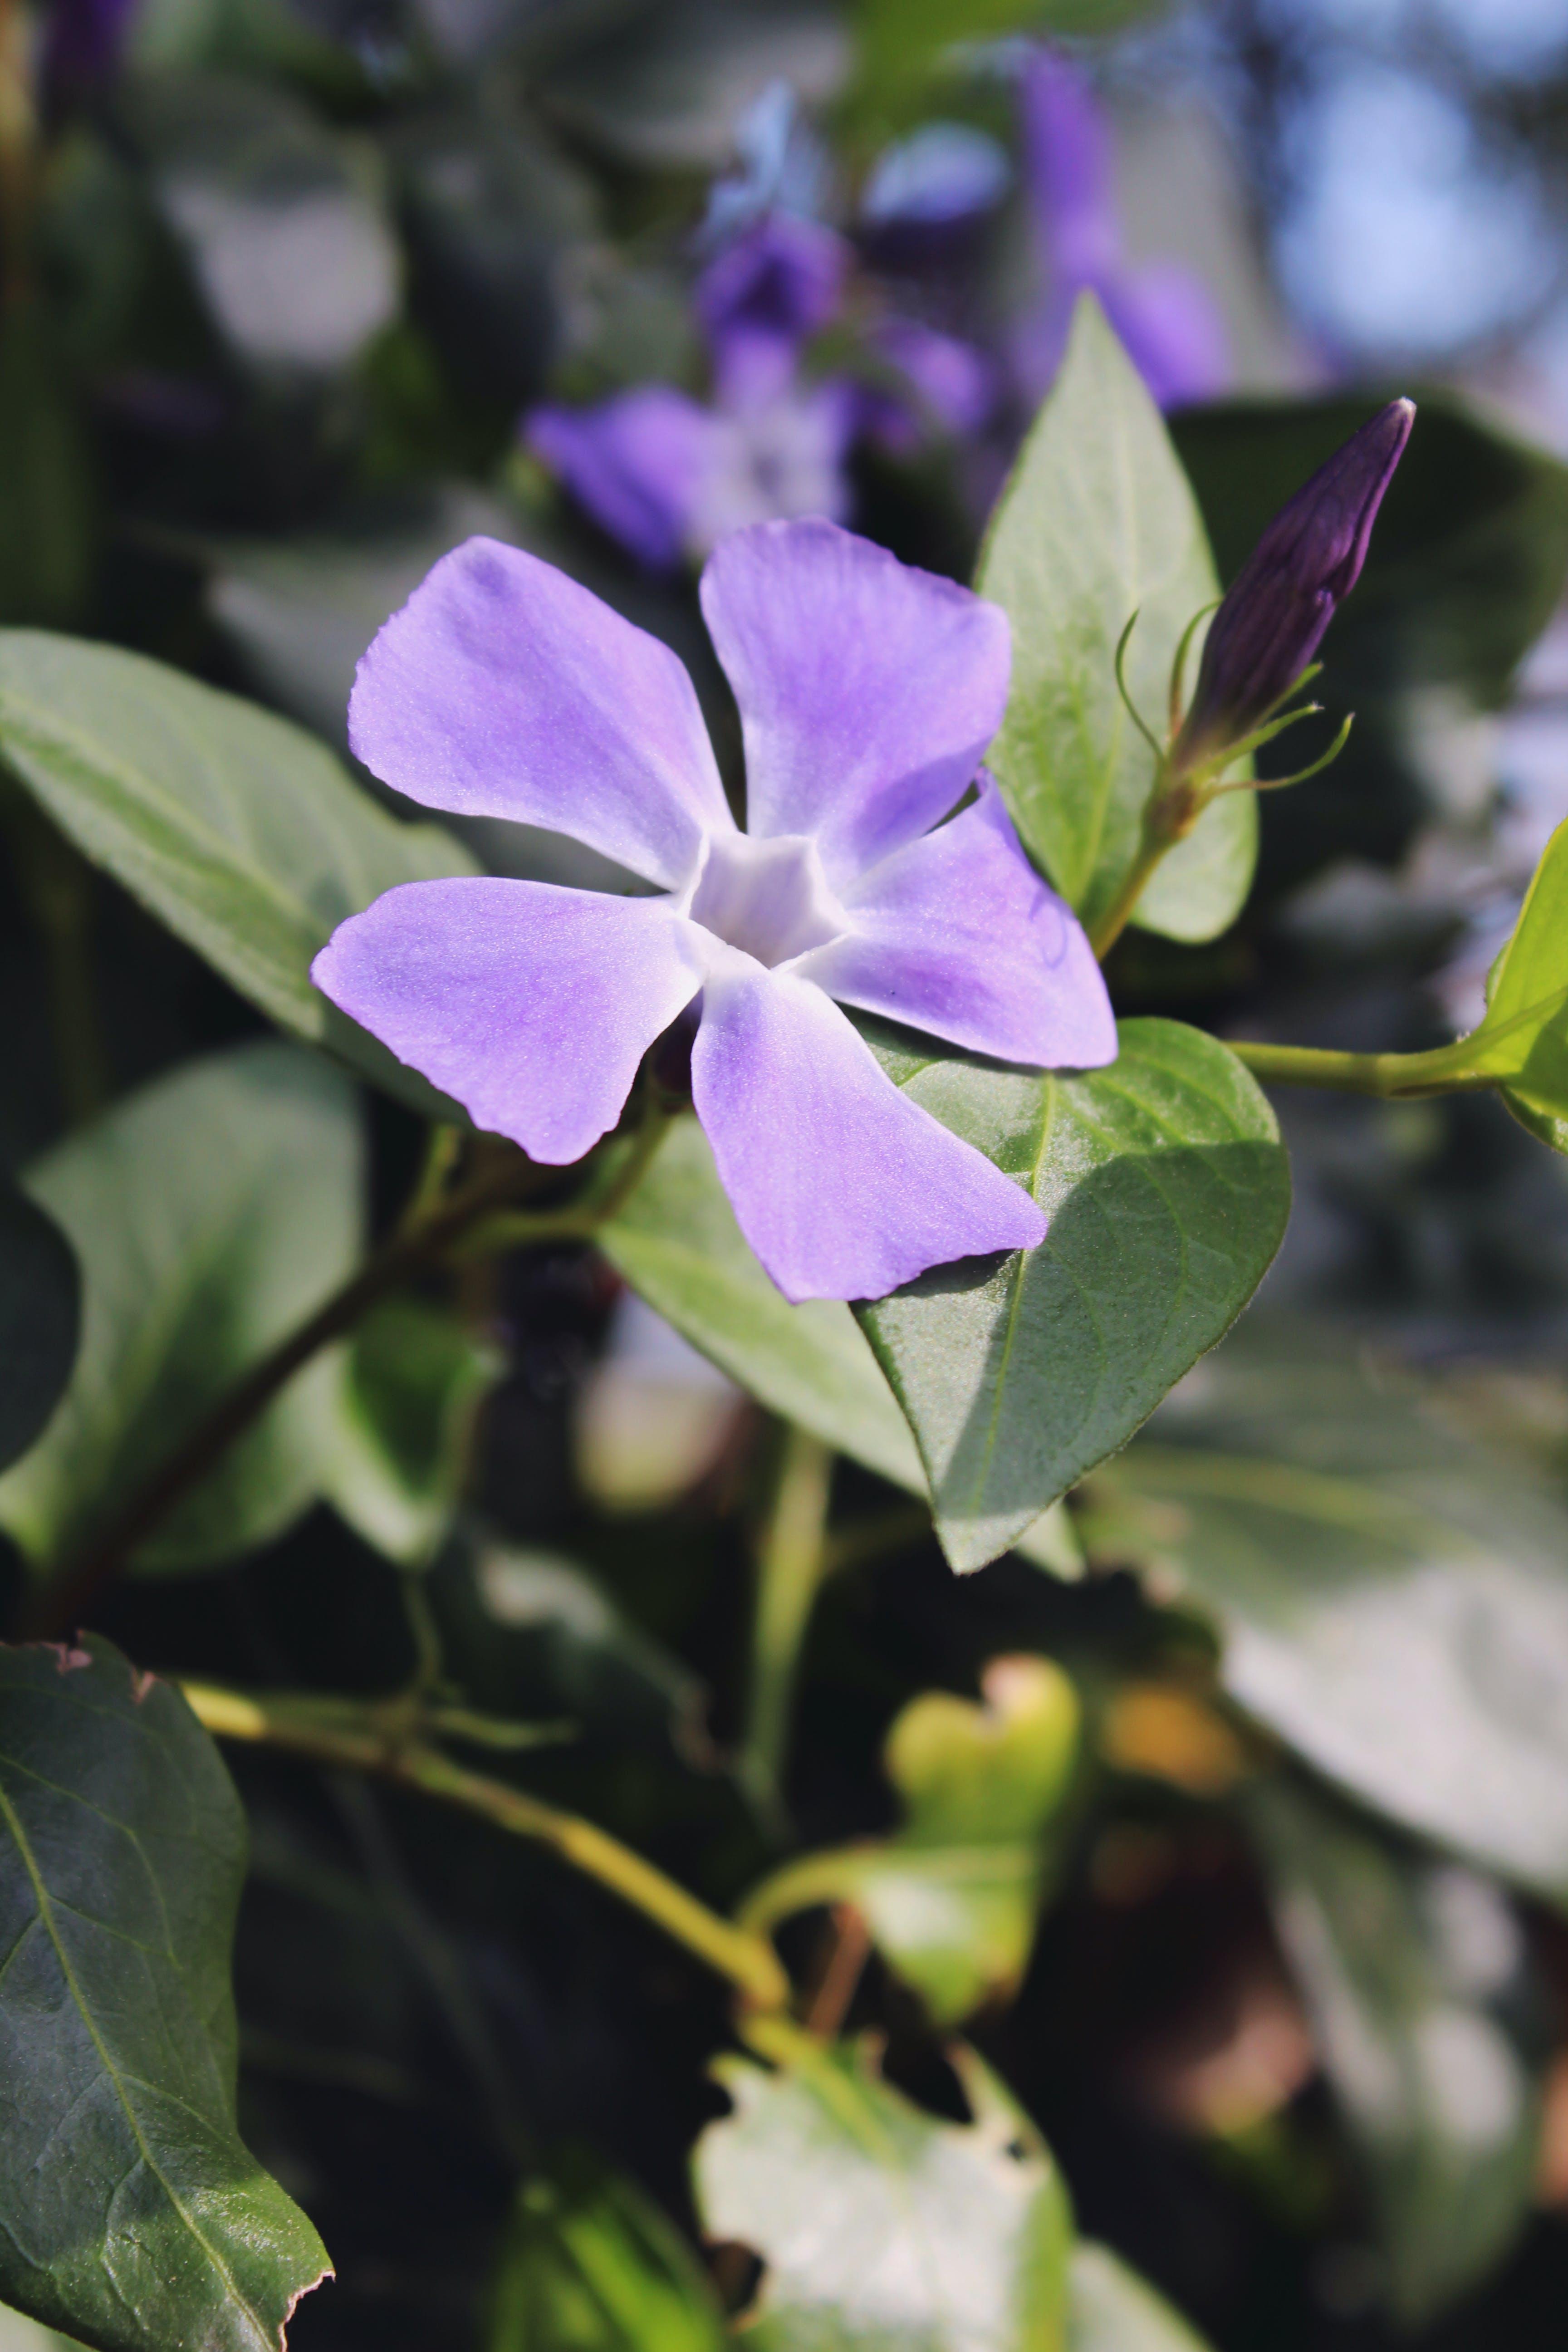 Free stock photo of flower, purple, purple flower